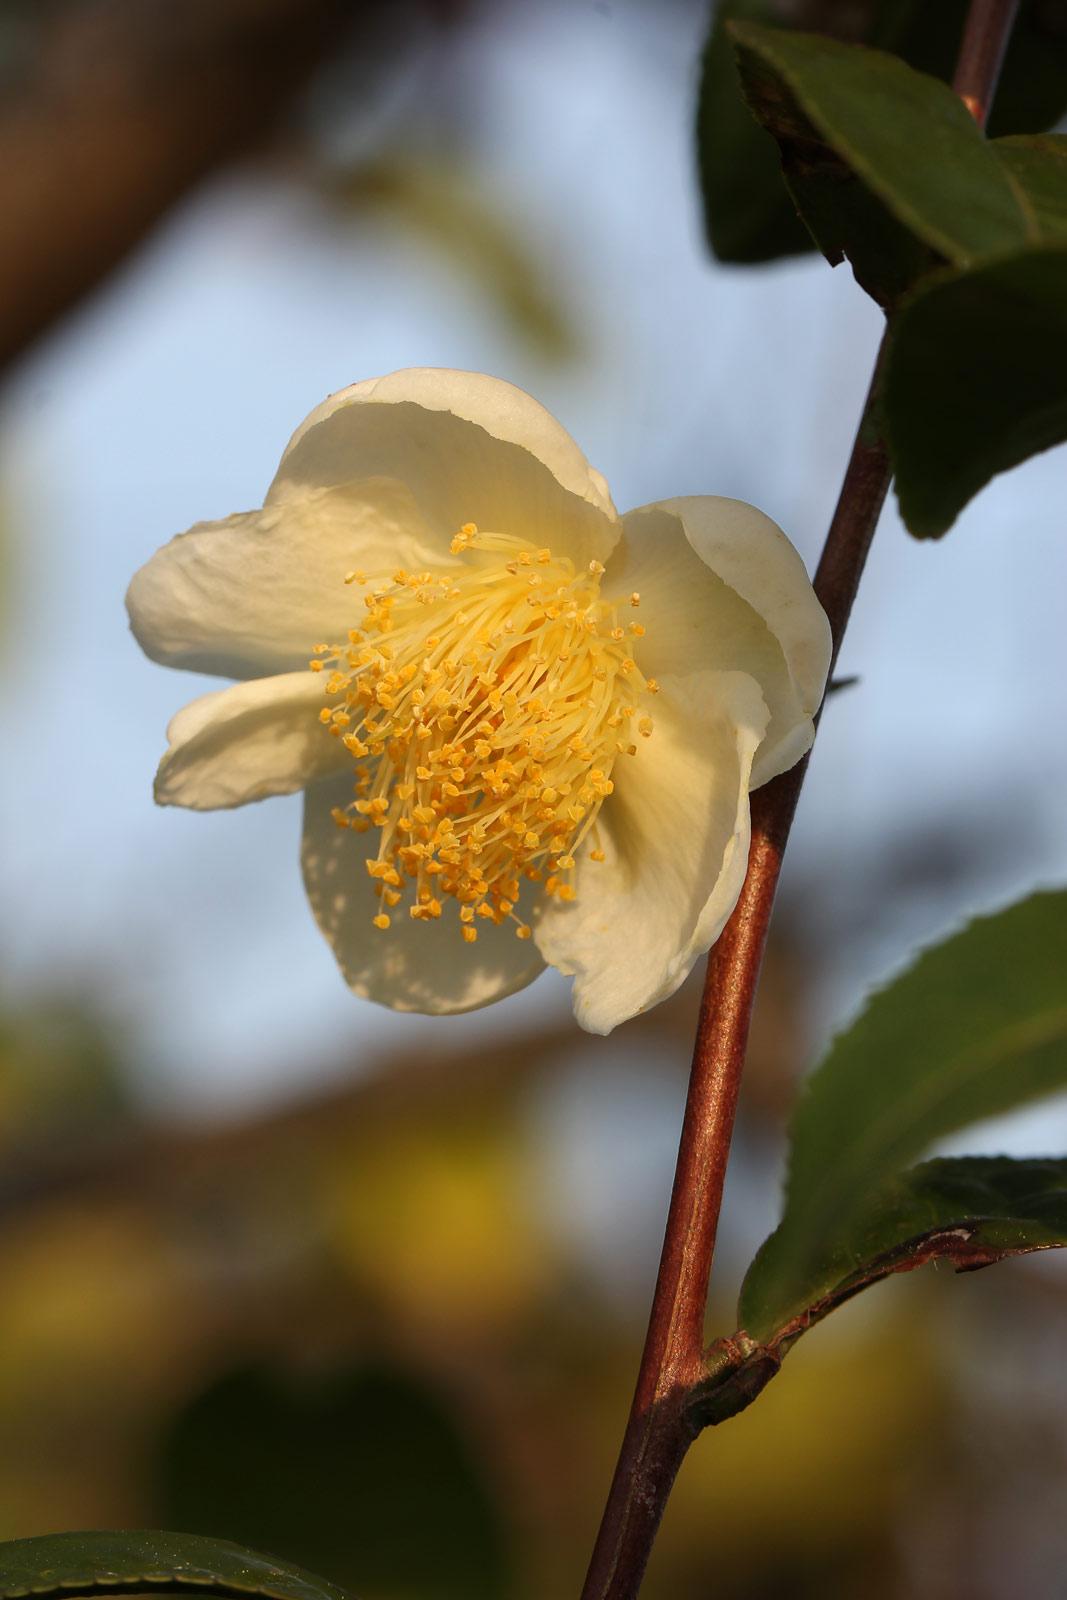 チャノキ(茶の木) お花の写真集 / チャノキ(茶の木) サイトマップ 素材使用について リンク